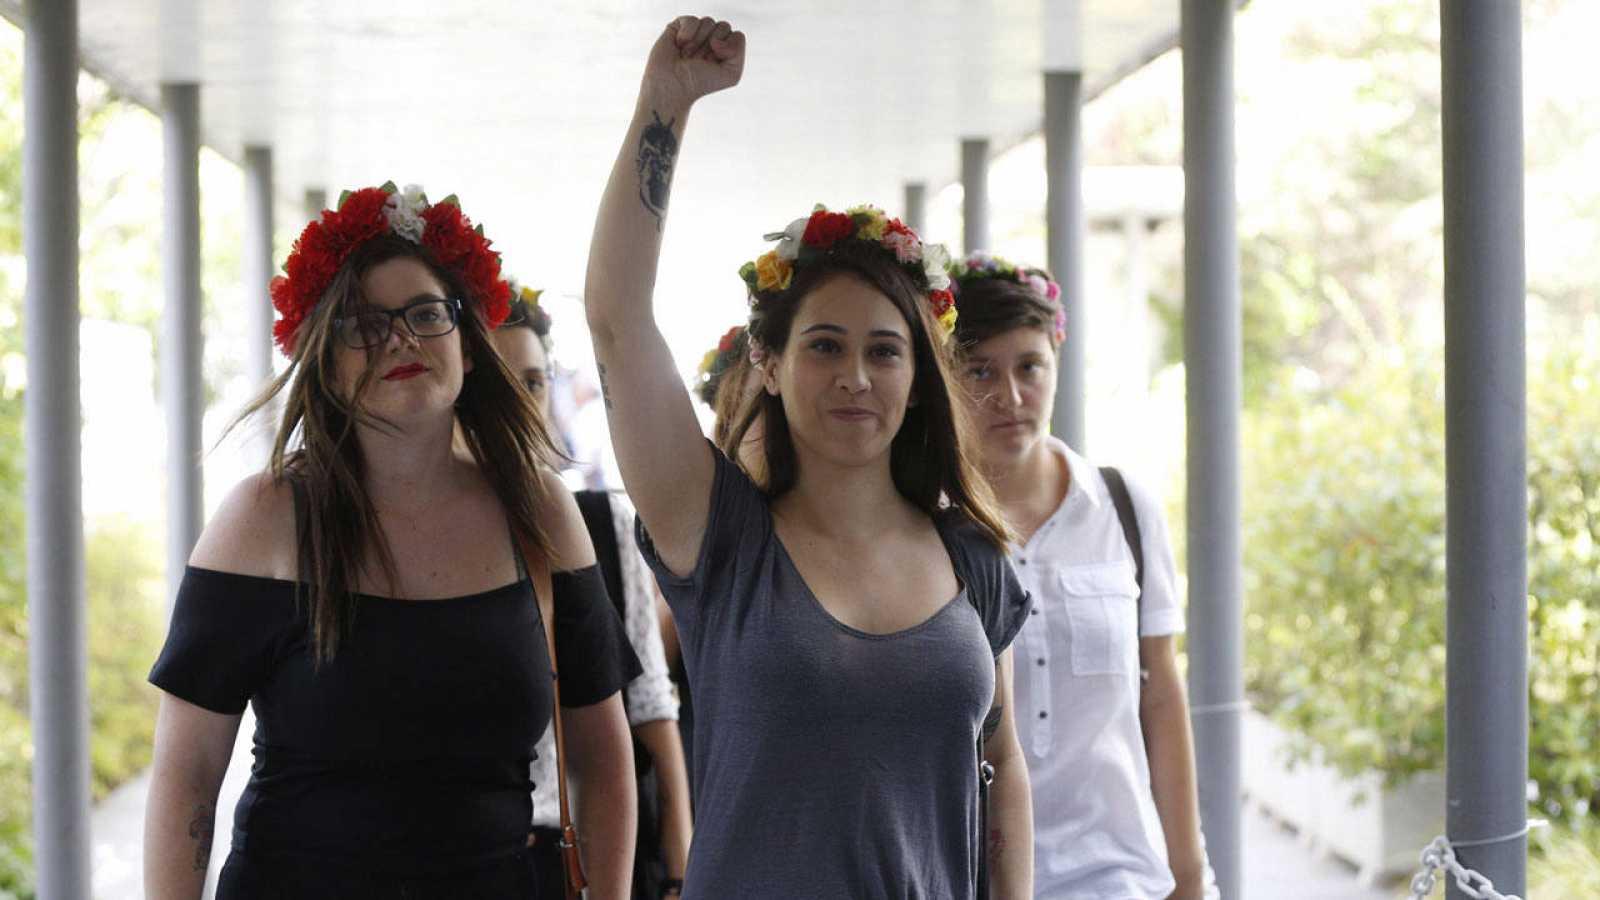 Las cinco activistas de Femen, a su llegada a juicio hace unos días